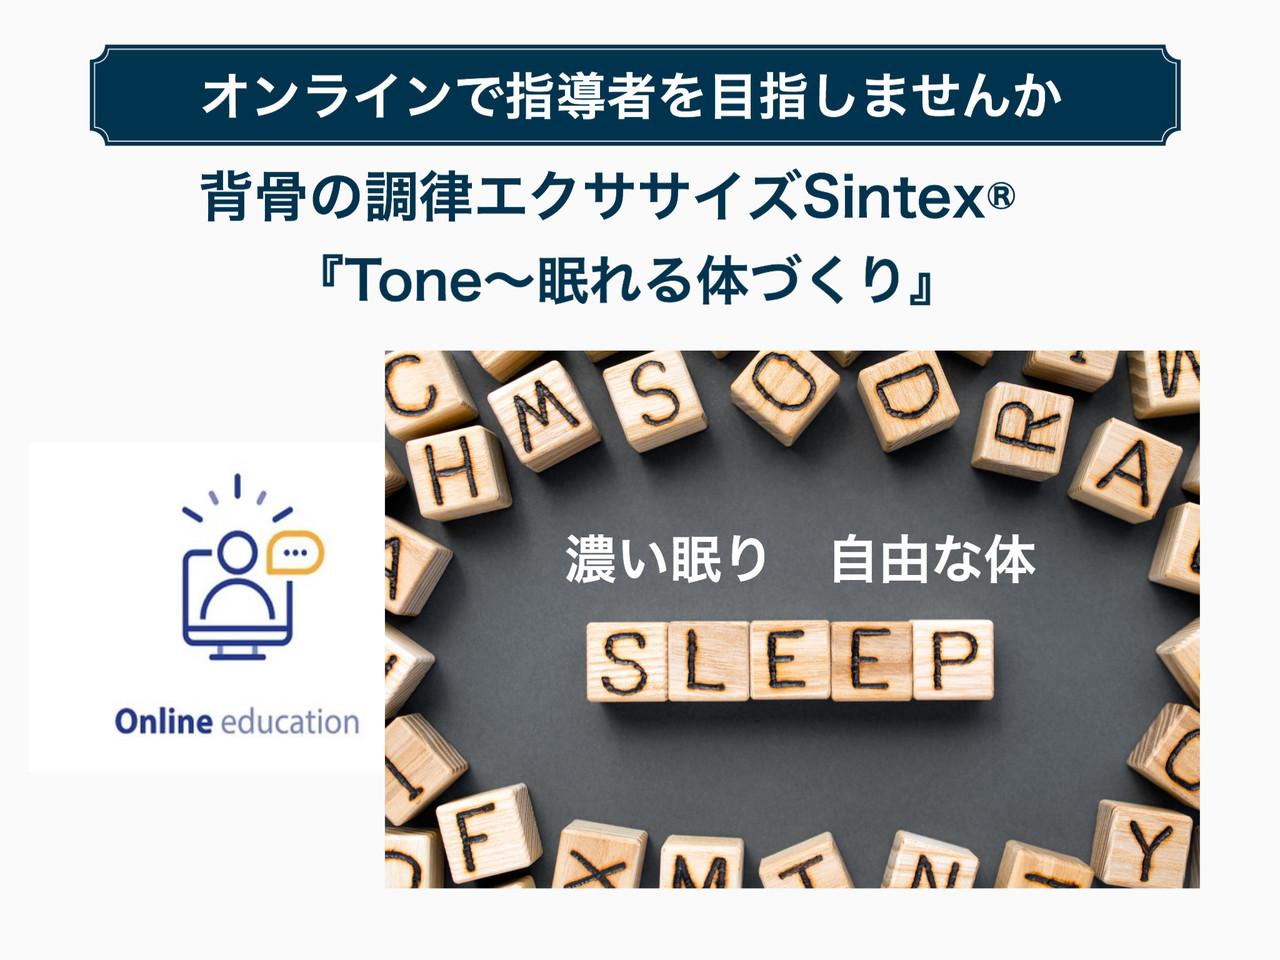 【オンライン11/23 or 28 or 29】Sintex®『Tone~眠れる体づくり』指導ライセンスセミナー